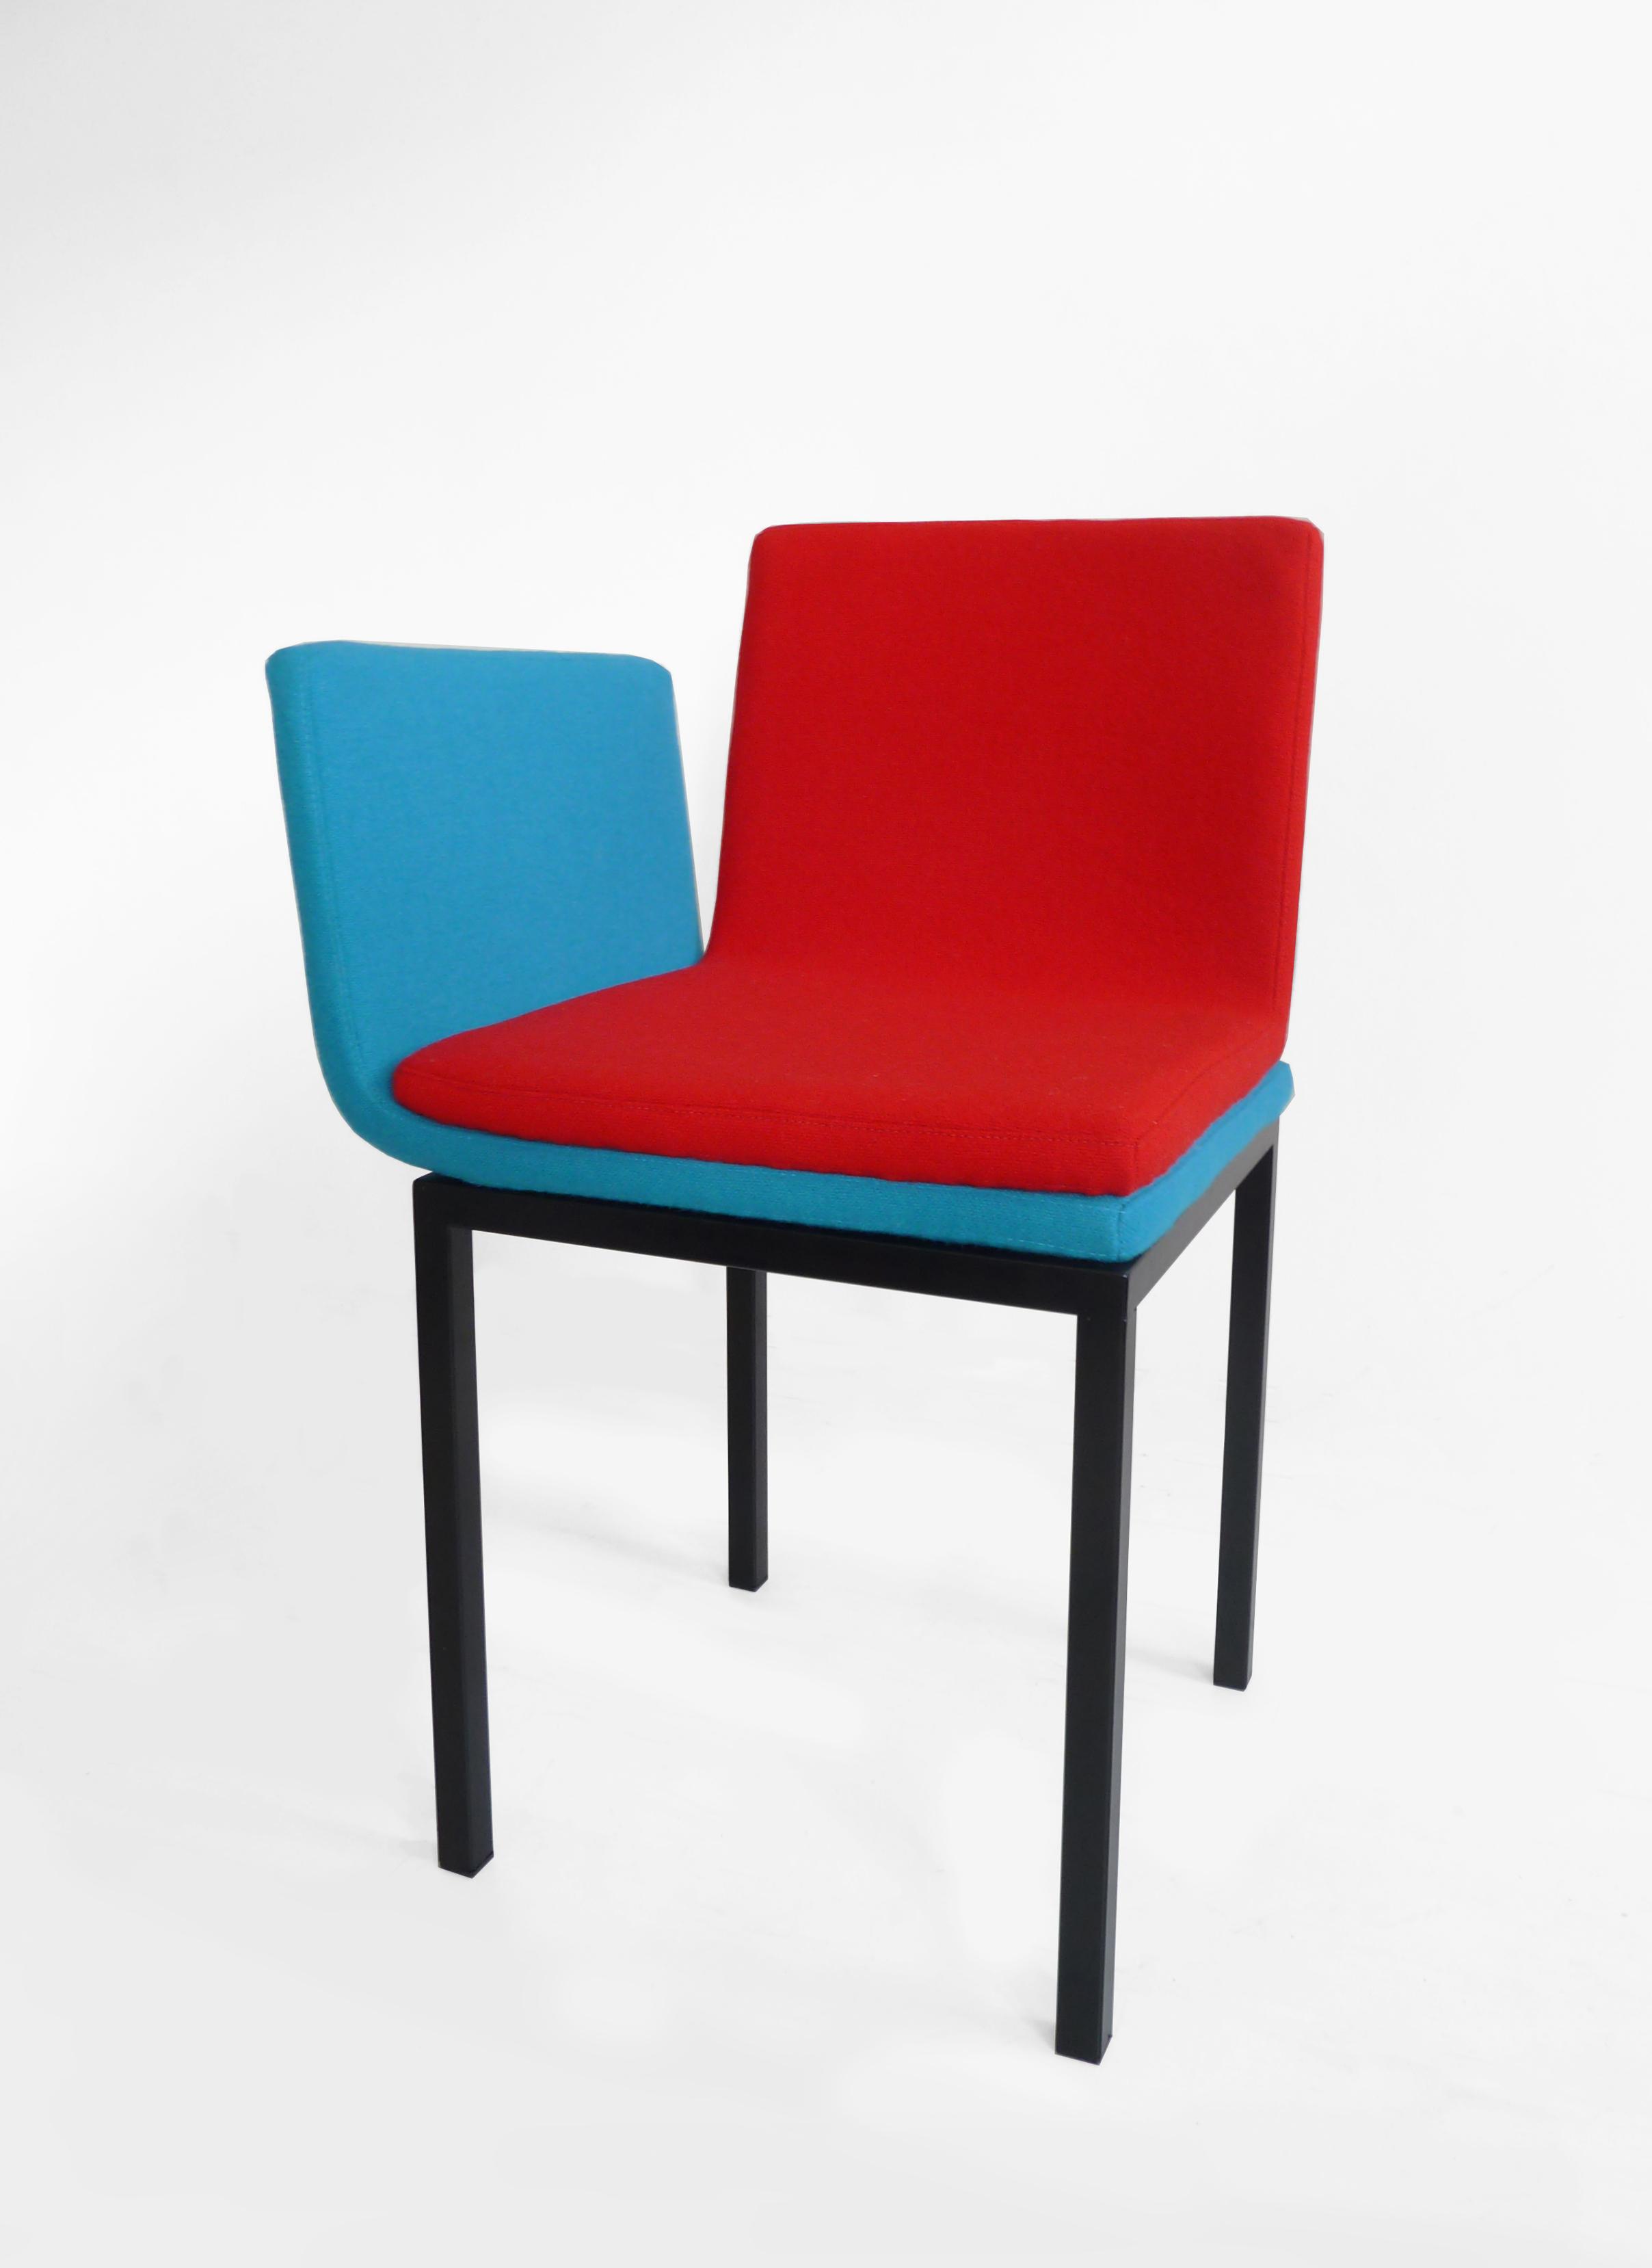 red blue chair 4.jpg